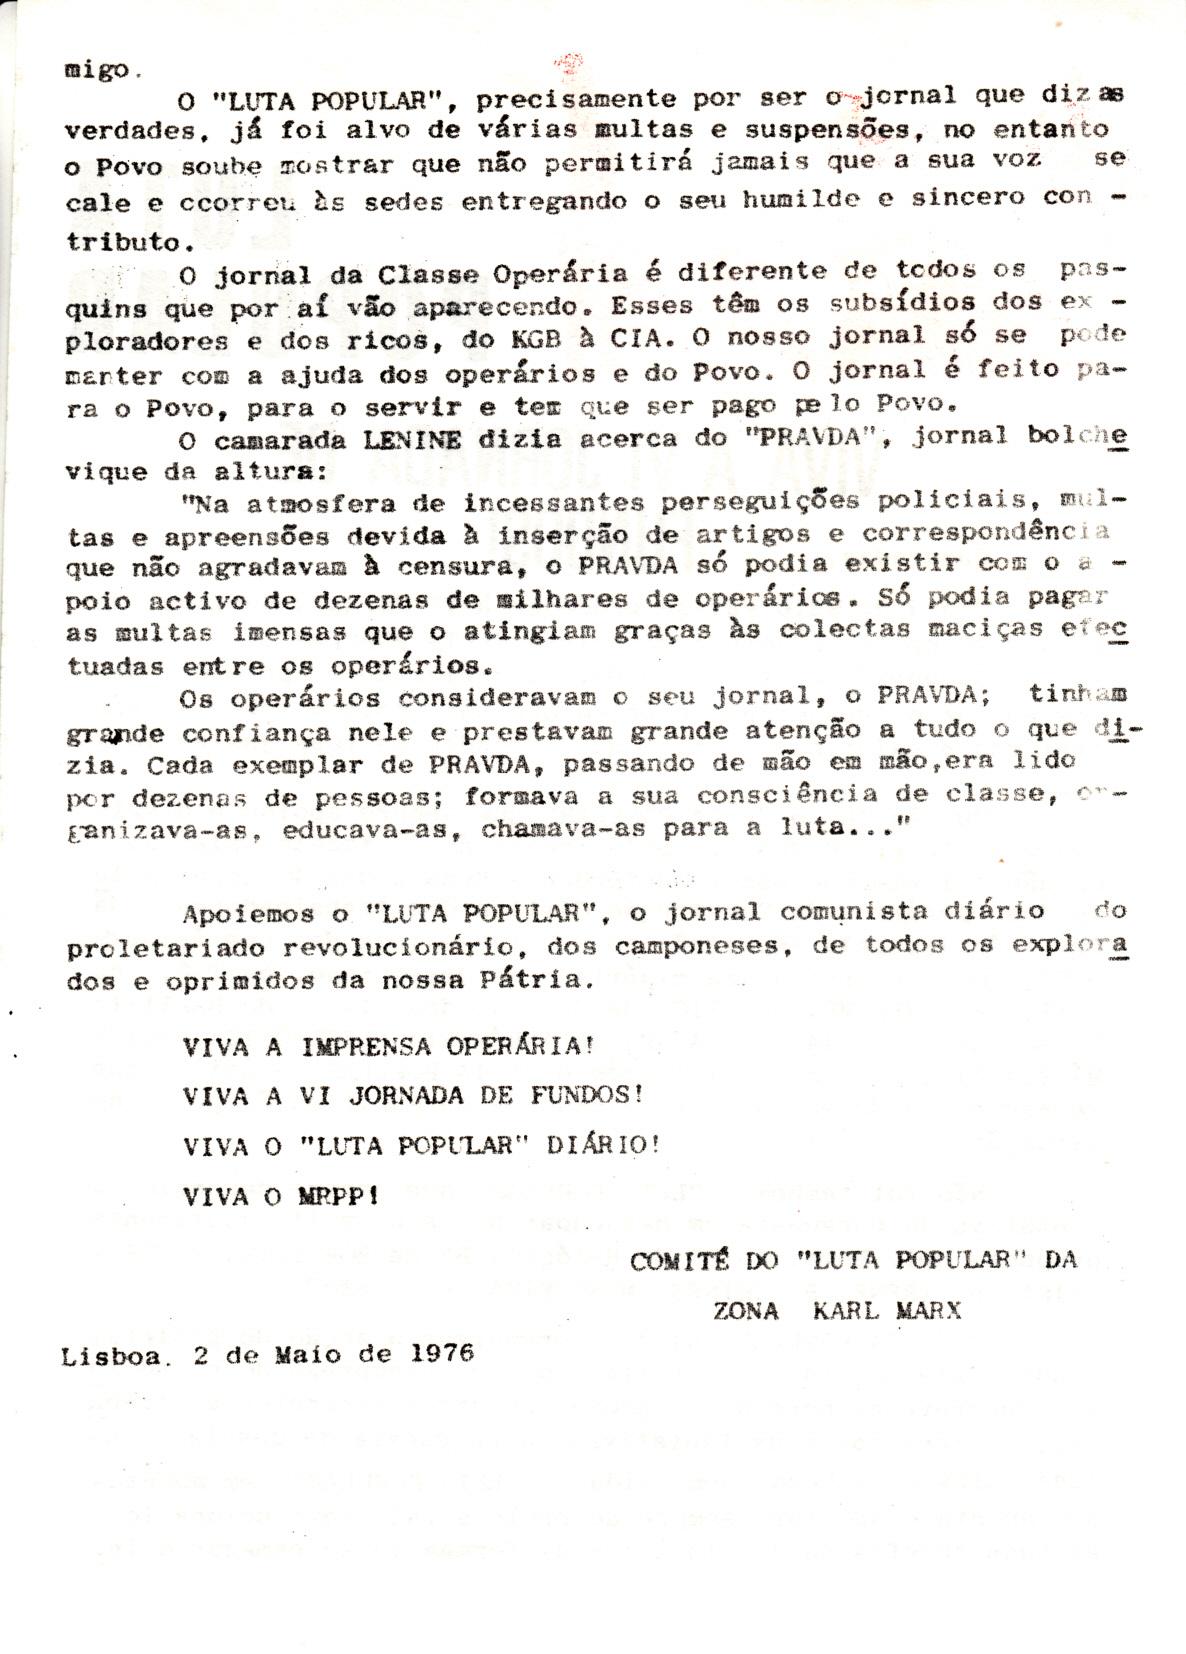 MRPP_1976_05_02_0002